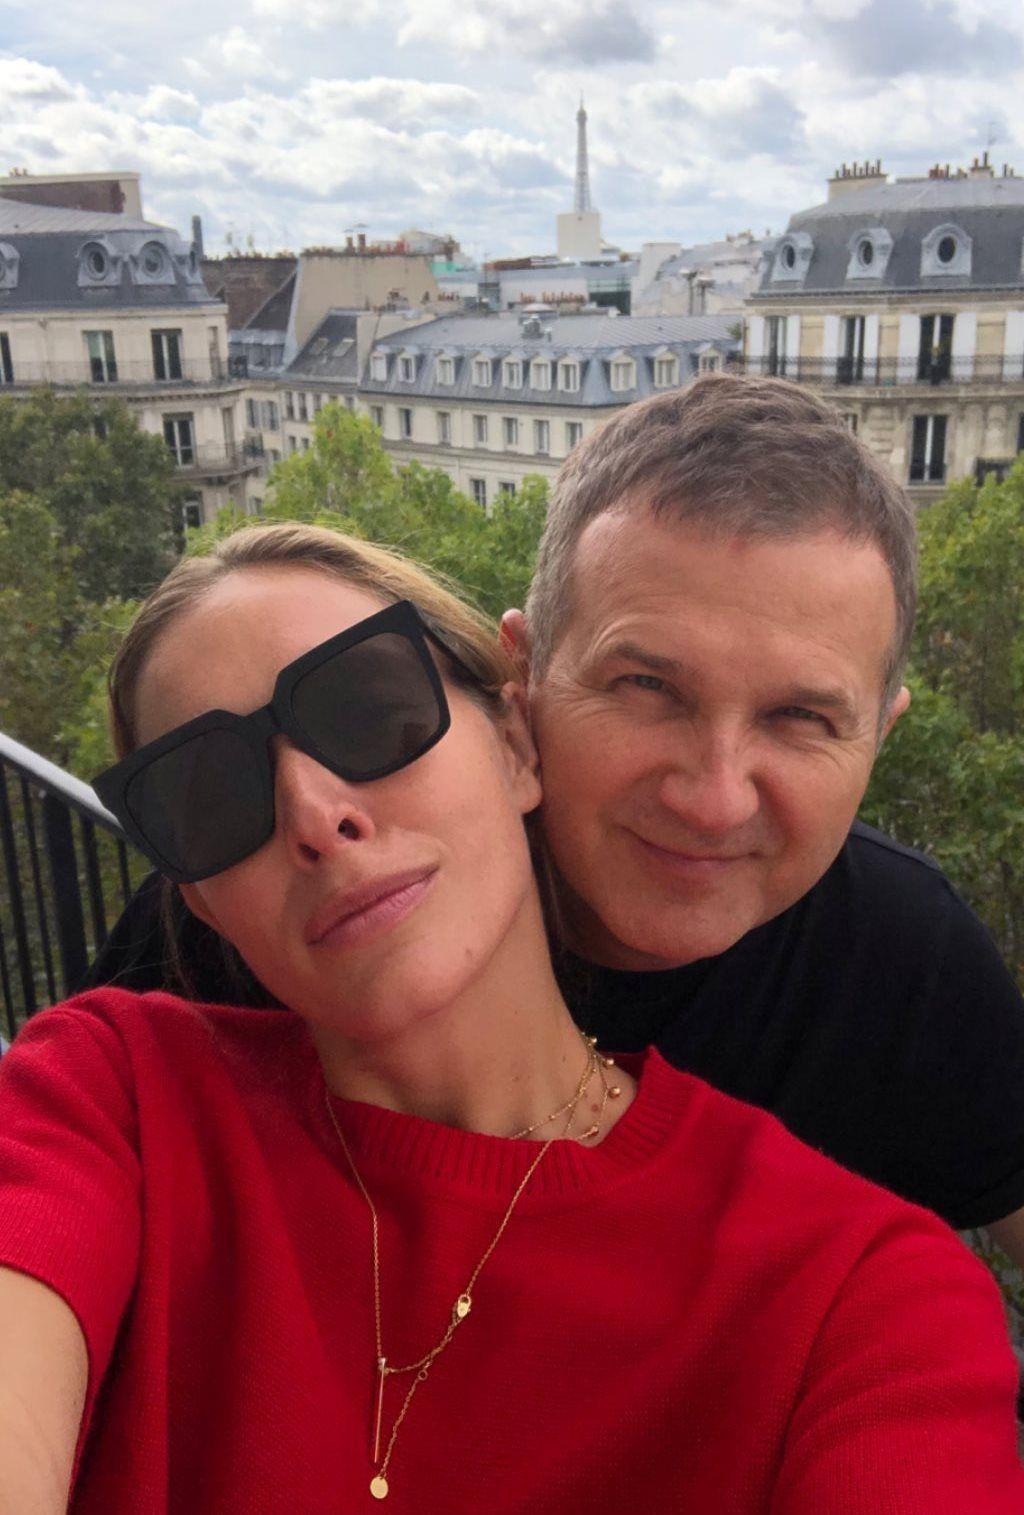 Юрий Горбунов и Катя Осадчая в Париже